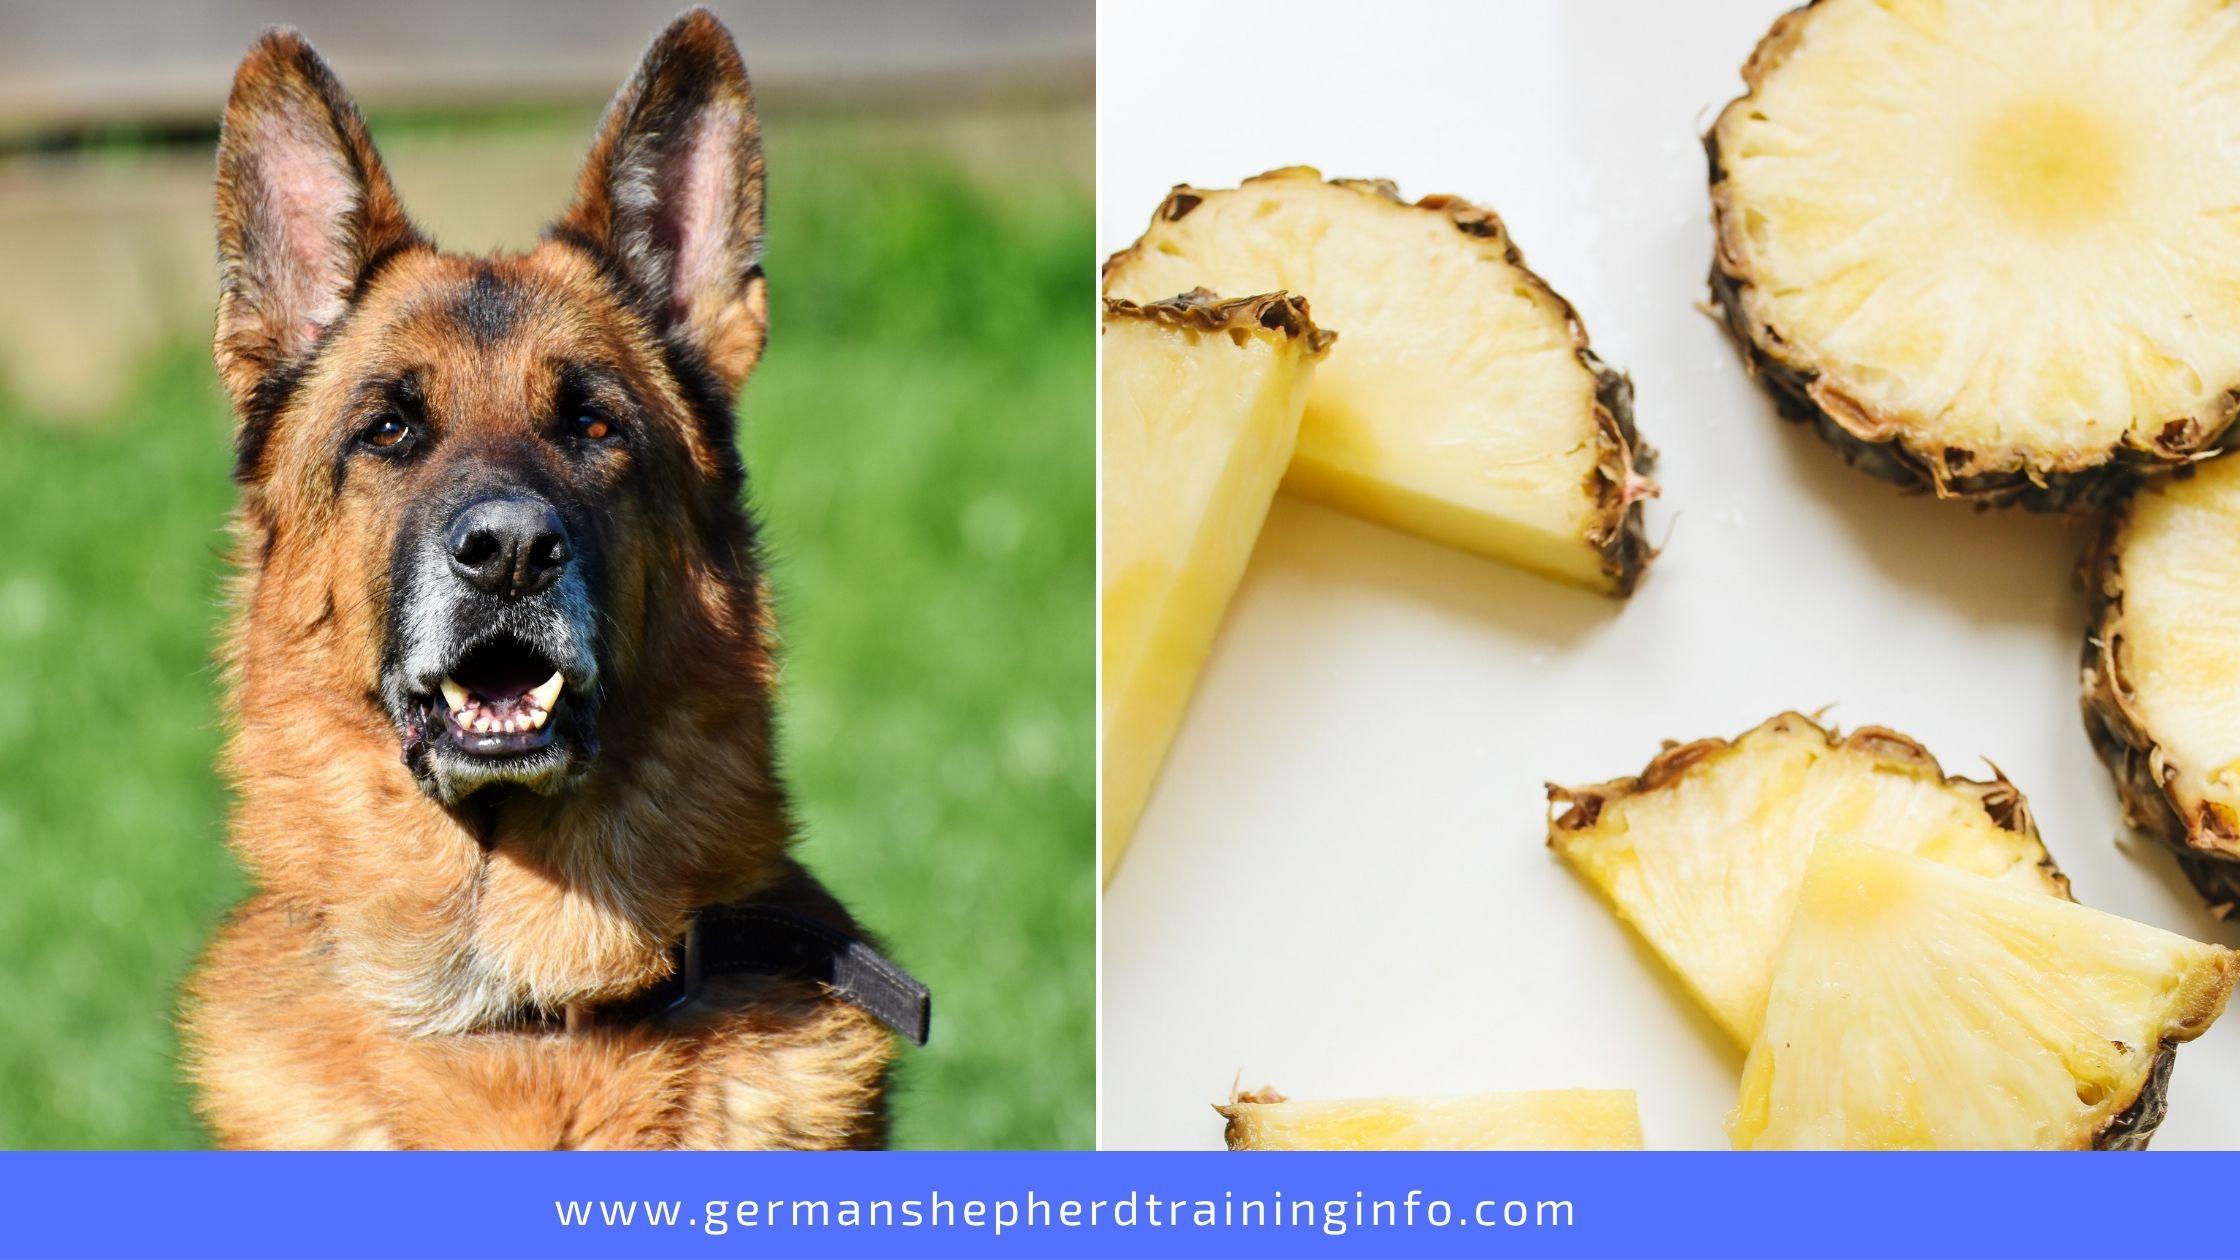 Can German Shepherds Eat Pineapple?